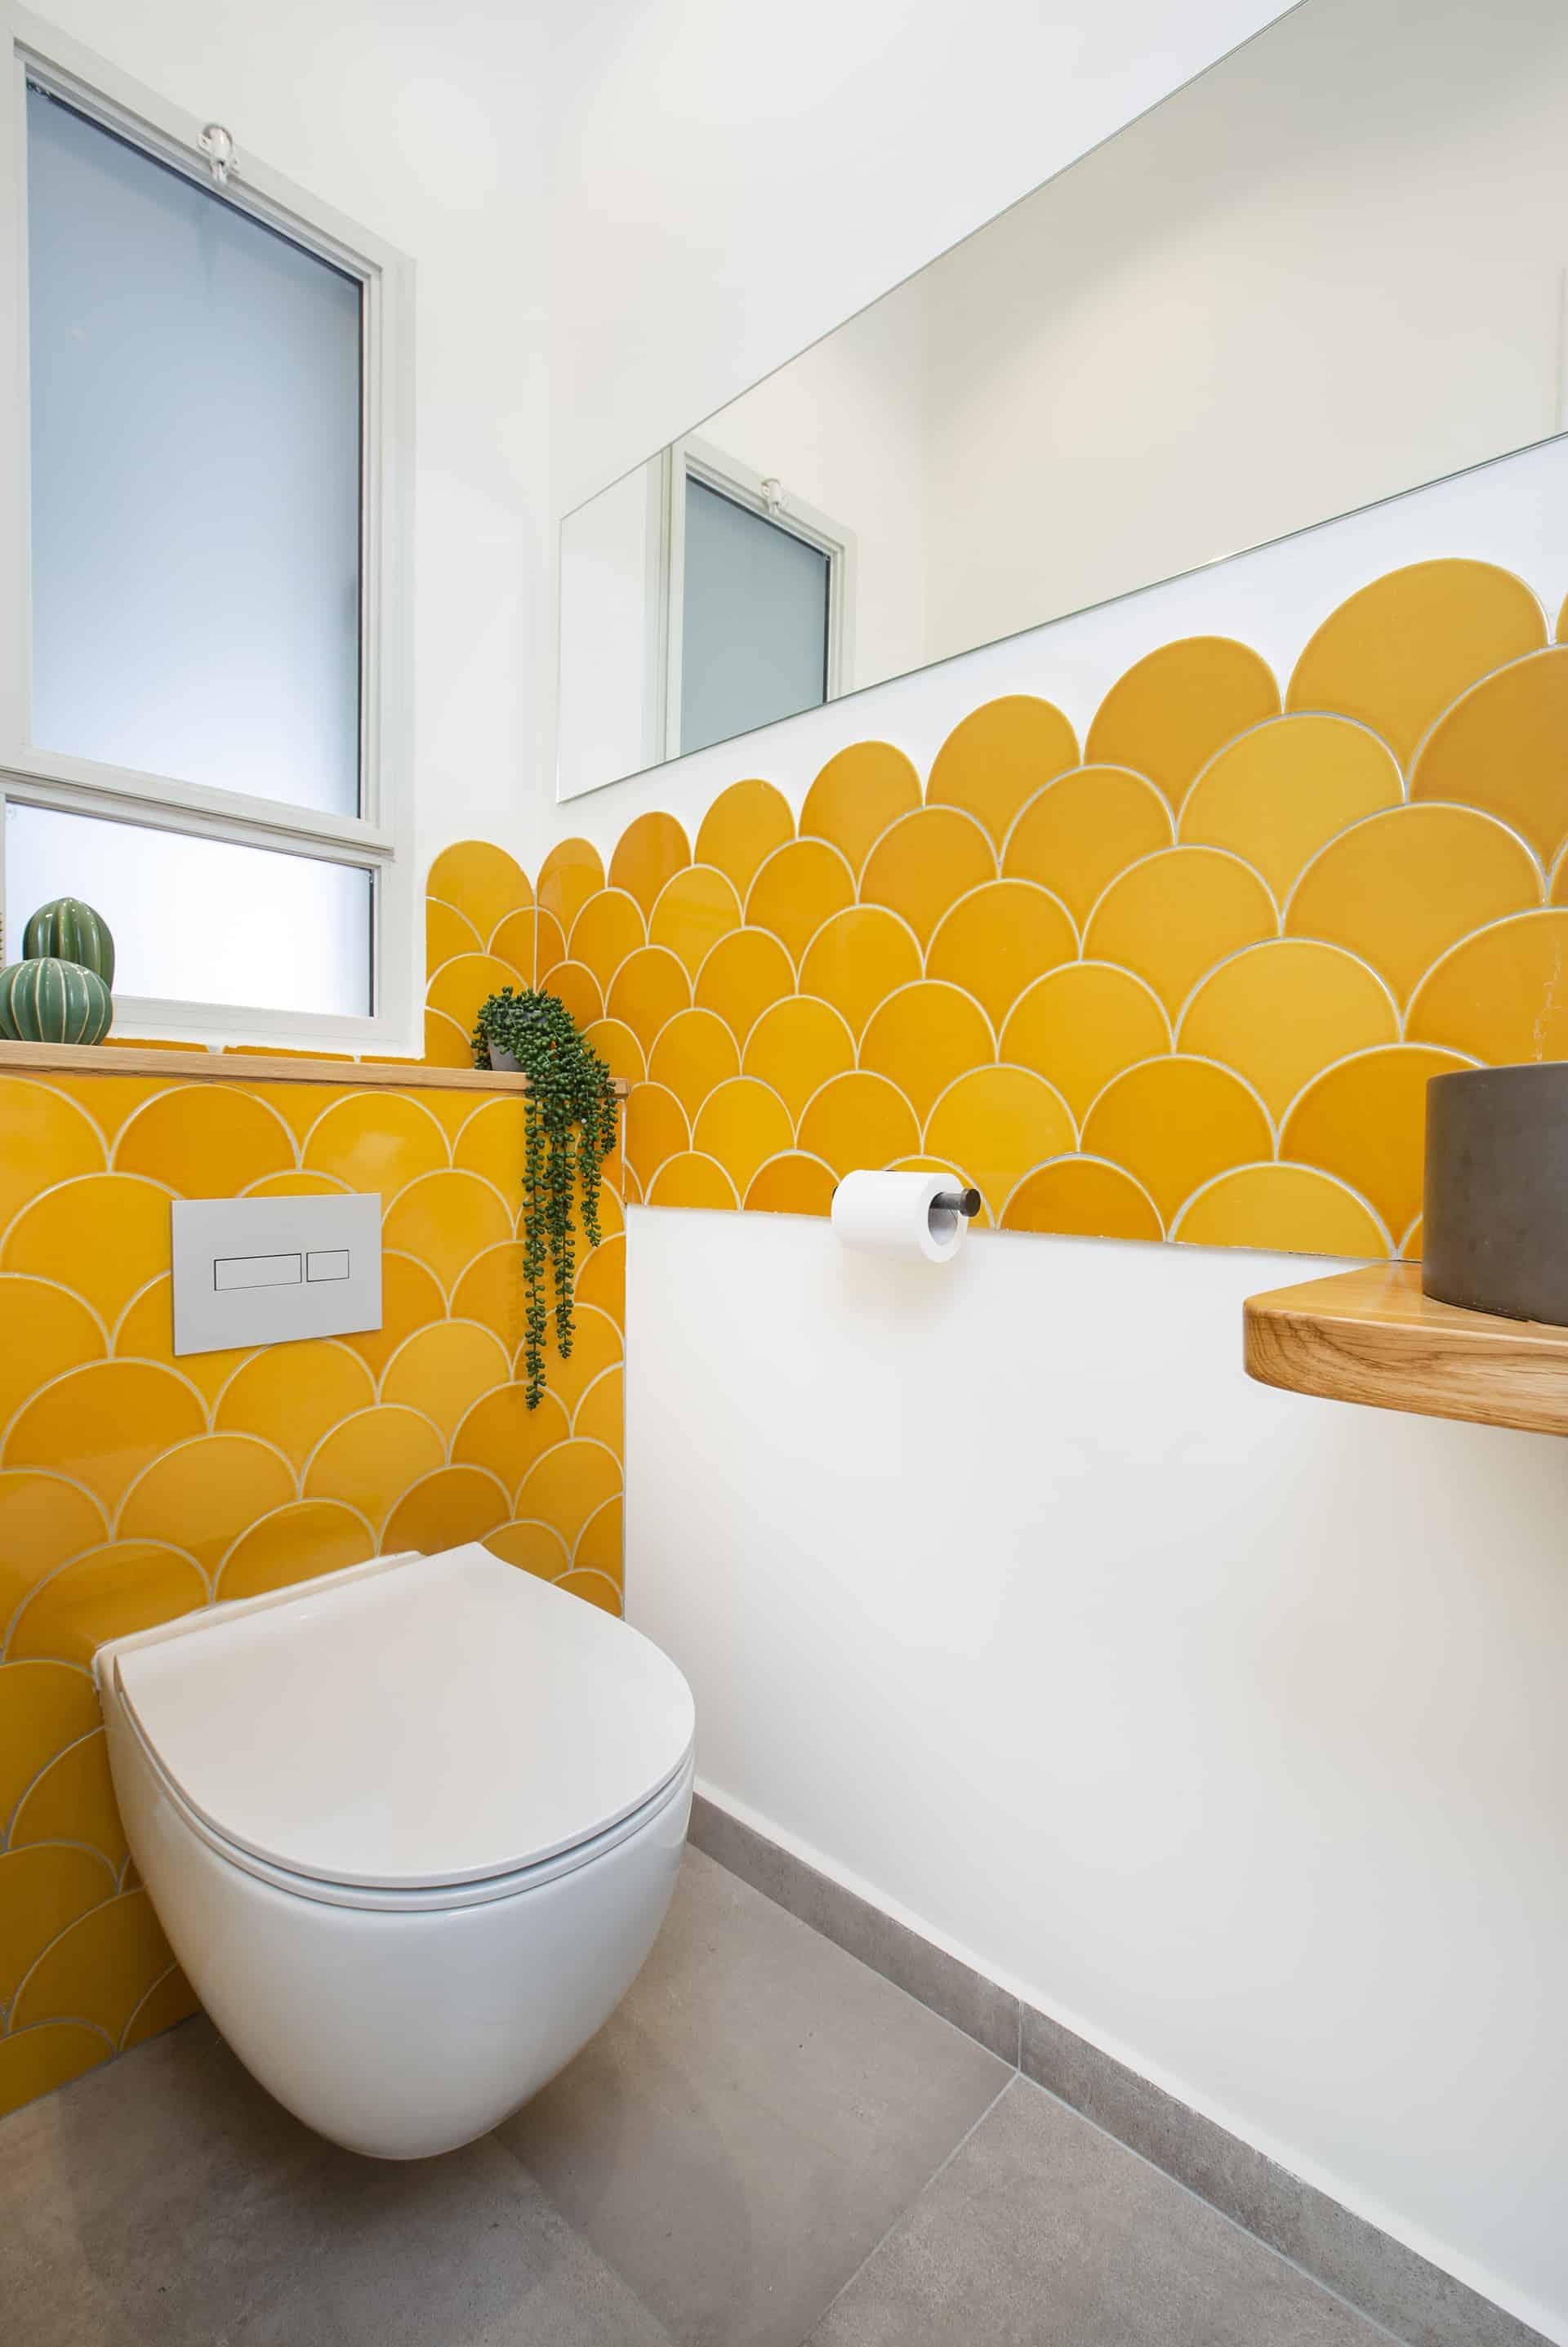 שירותי אורחים בחיפוי אריחי קיר בצורת מניפות צהובות (fish scale tiles) - שיפוץ של בית פרטי בקדימה, שירית דרמן מעצבת פנים